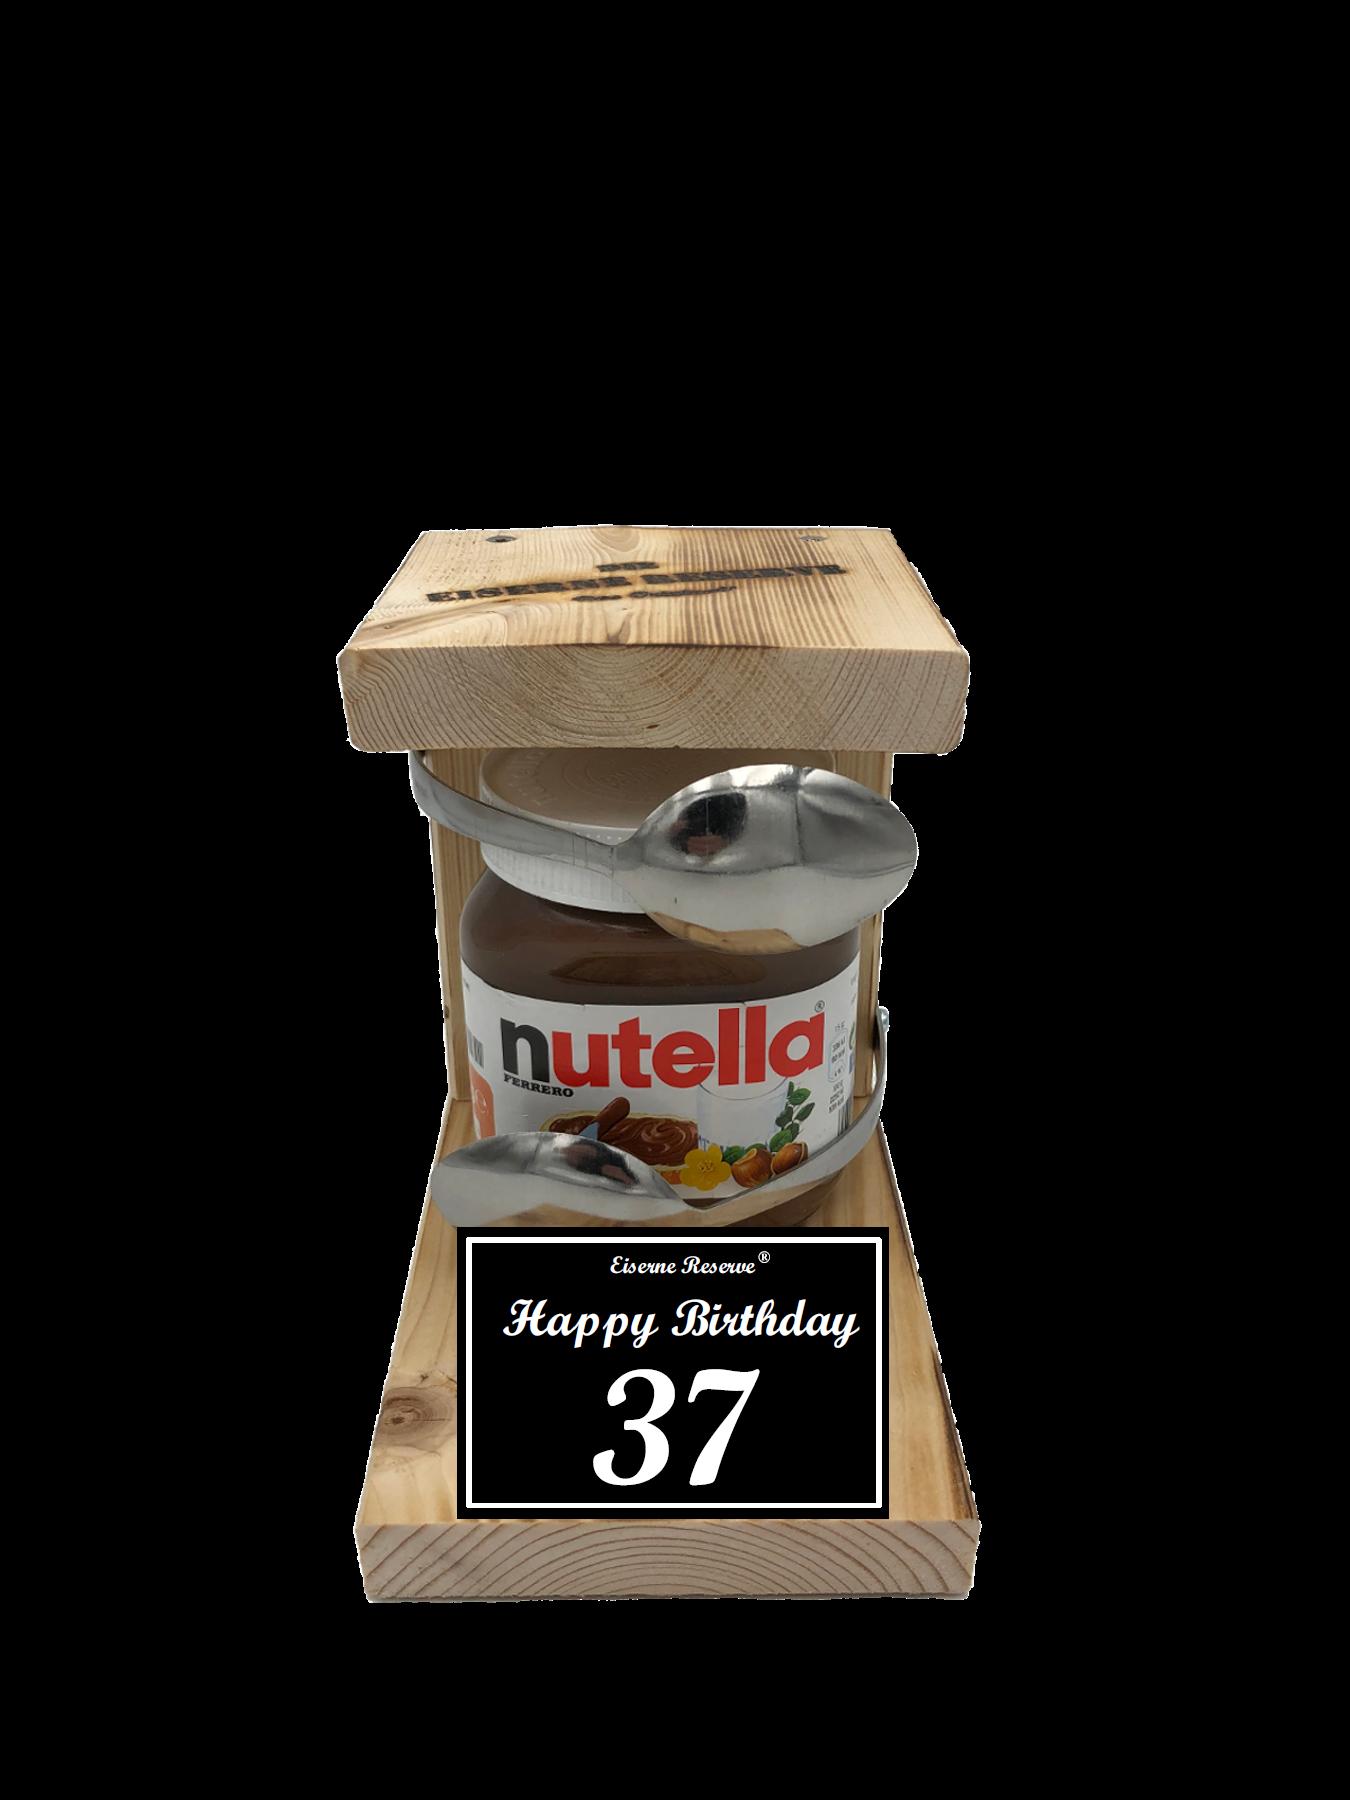 37 Happy Birthday Löffel Nutella Geschenk - Die Nutella Geschenkidee